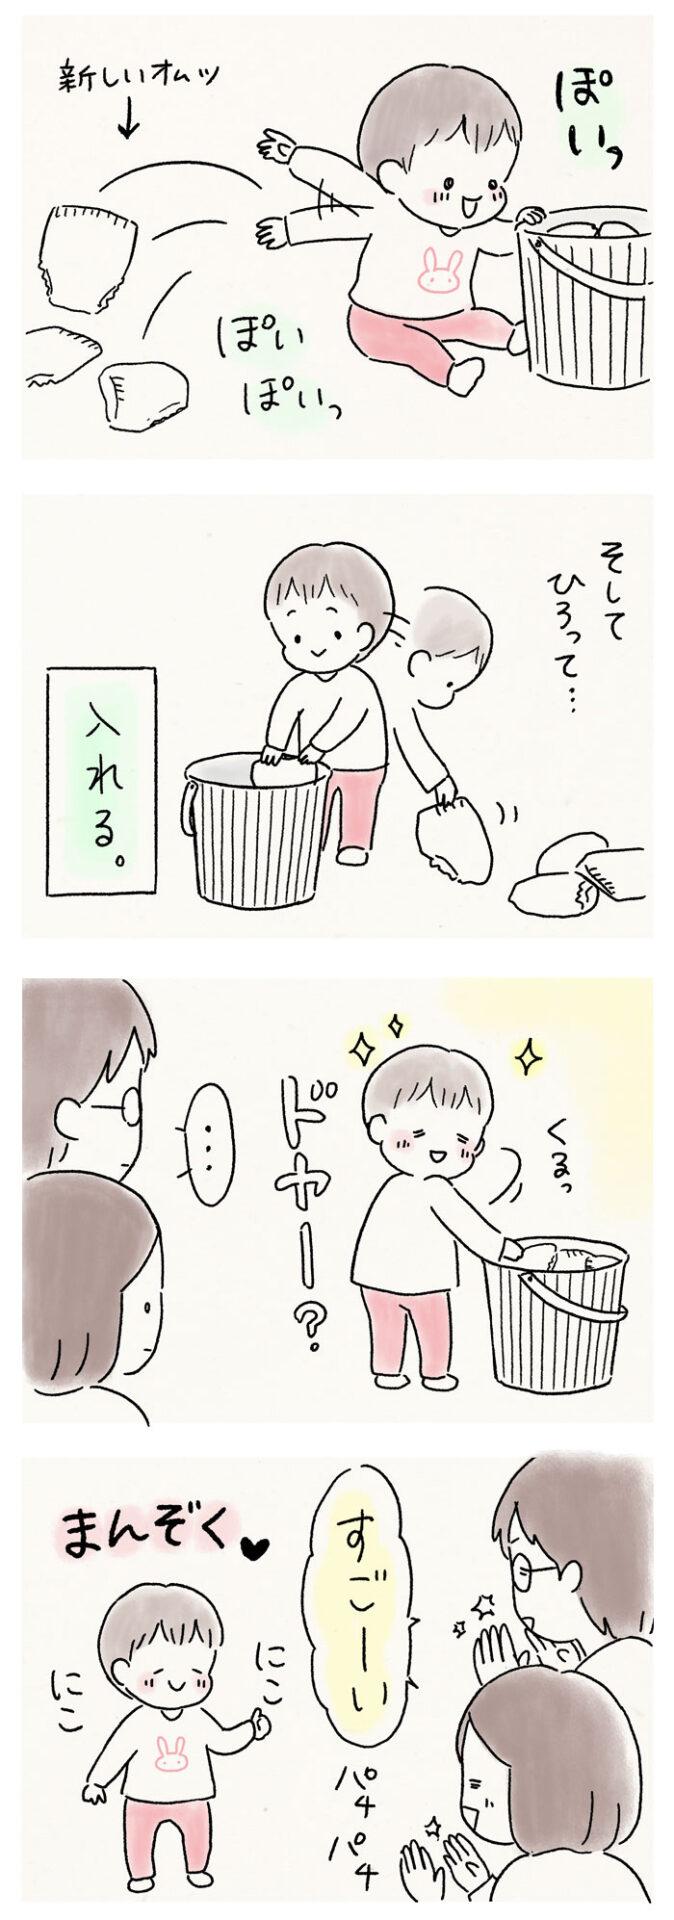 育児漫画「ほめてほめて」